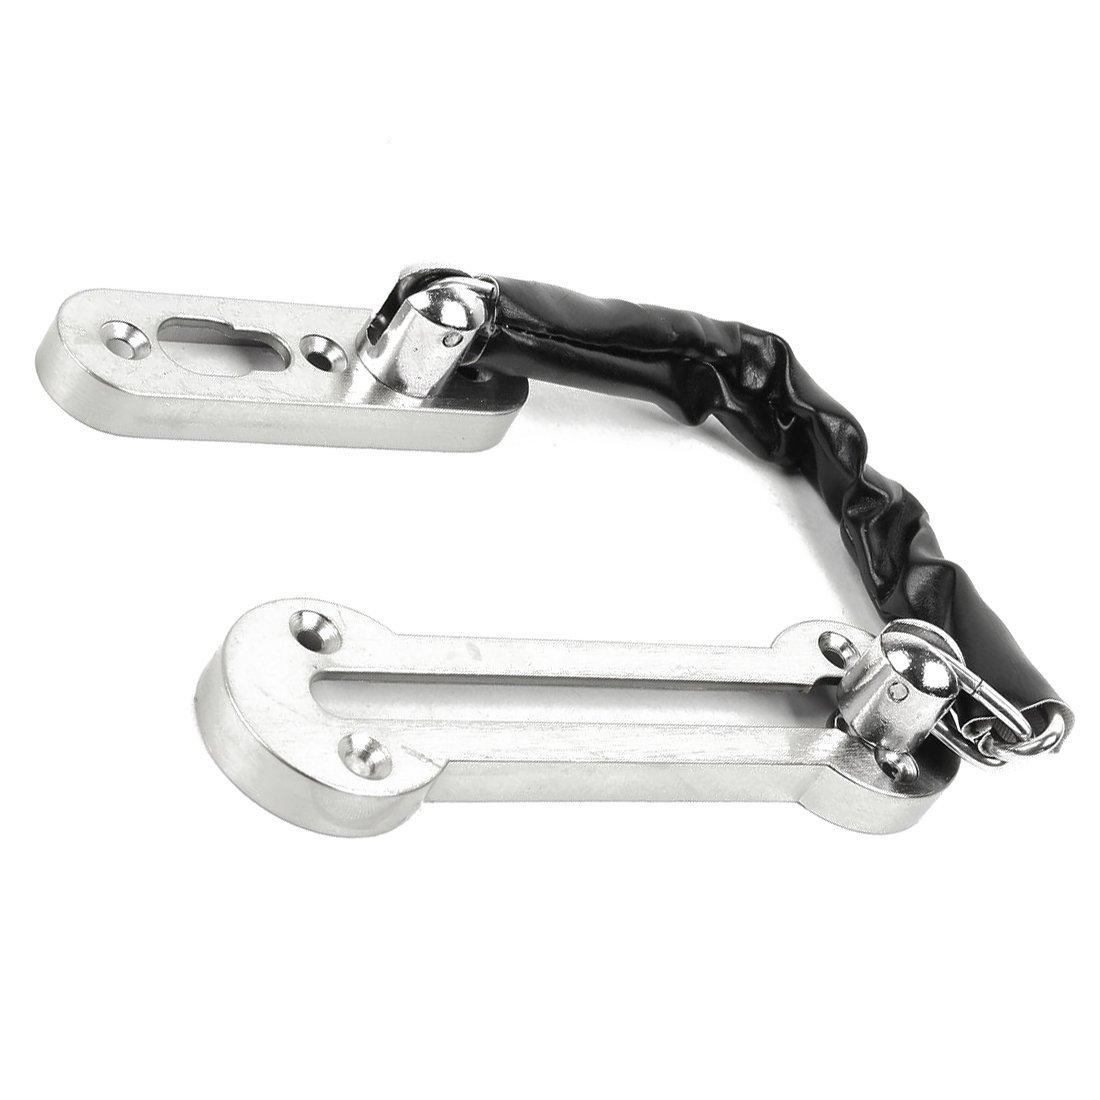 Bloqueo de seguridad de cadena de puerta de casa cerradura de seguridad del acero inoxidable del tono de plata Bloqueo de seguridad R SODIAL